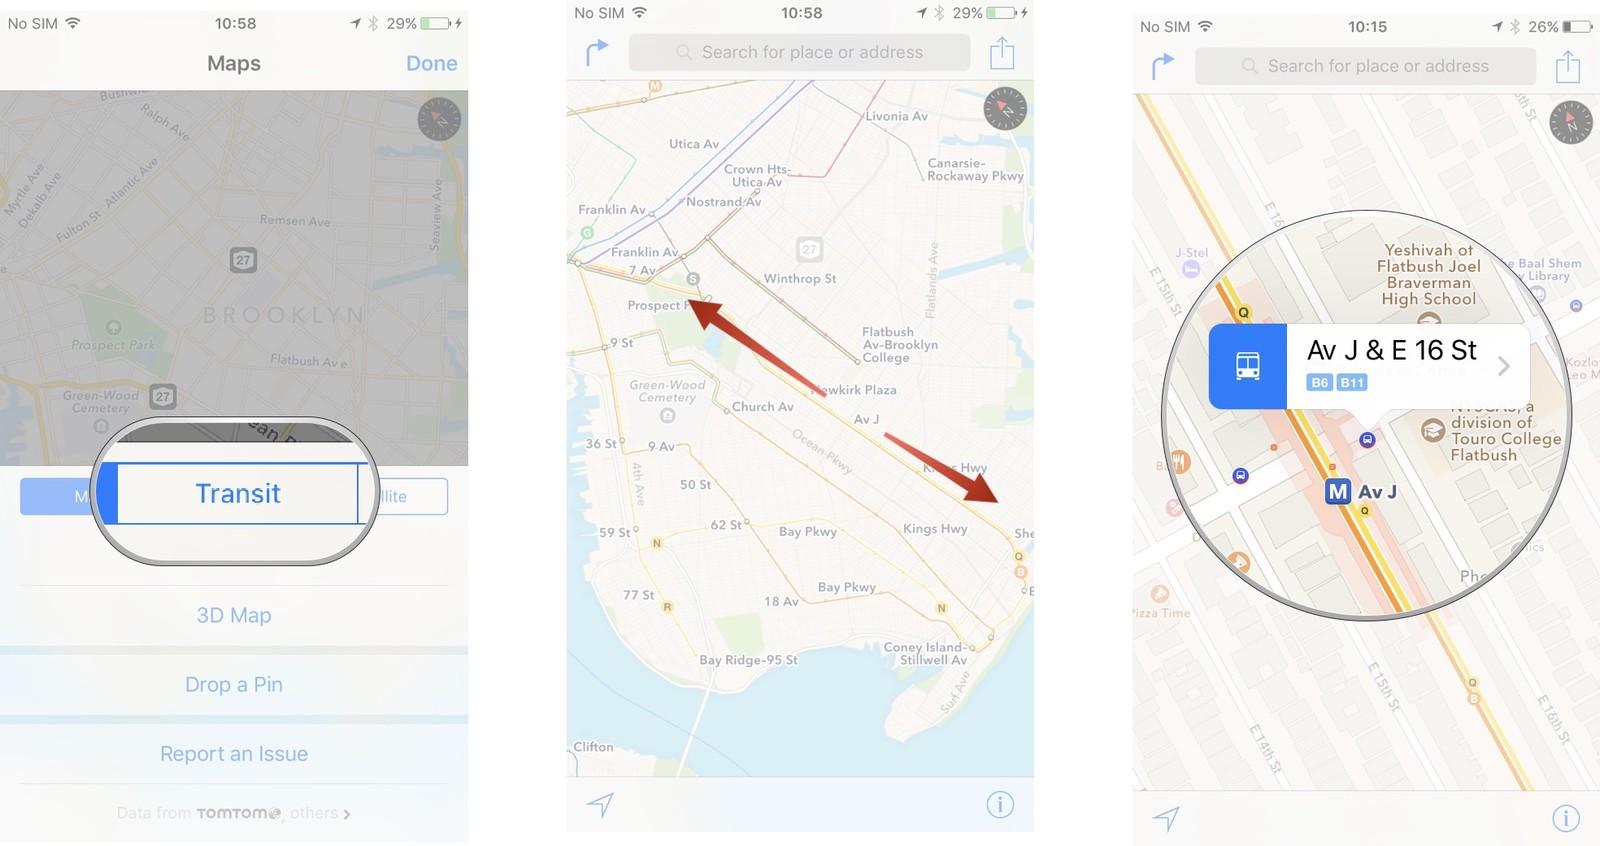 Как пользоваться Картами на iPhone и iPad - Отследить движение транспорта